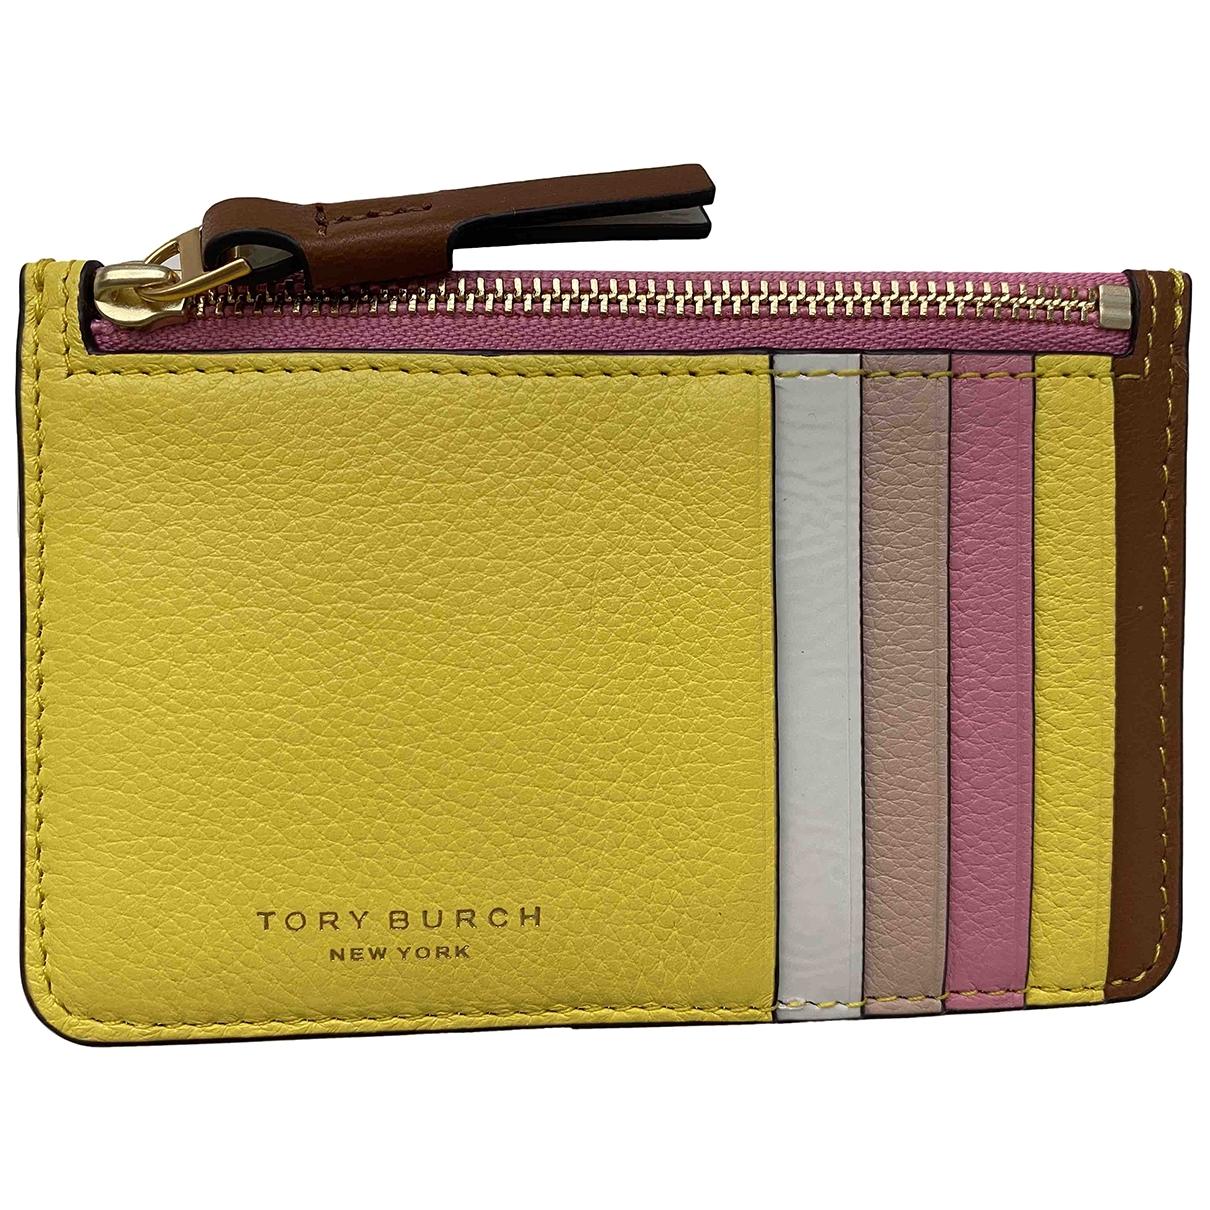 Tory Burch - Portefeuille   pour femme en cuir - multicolore